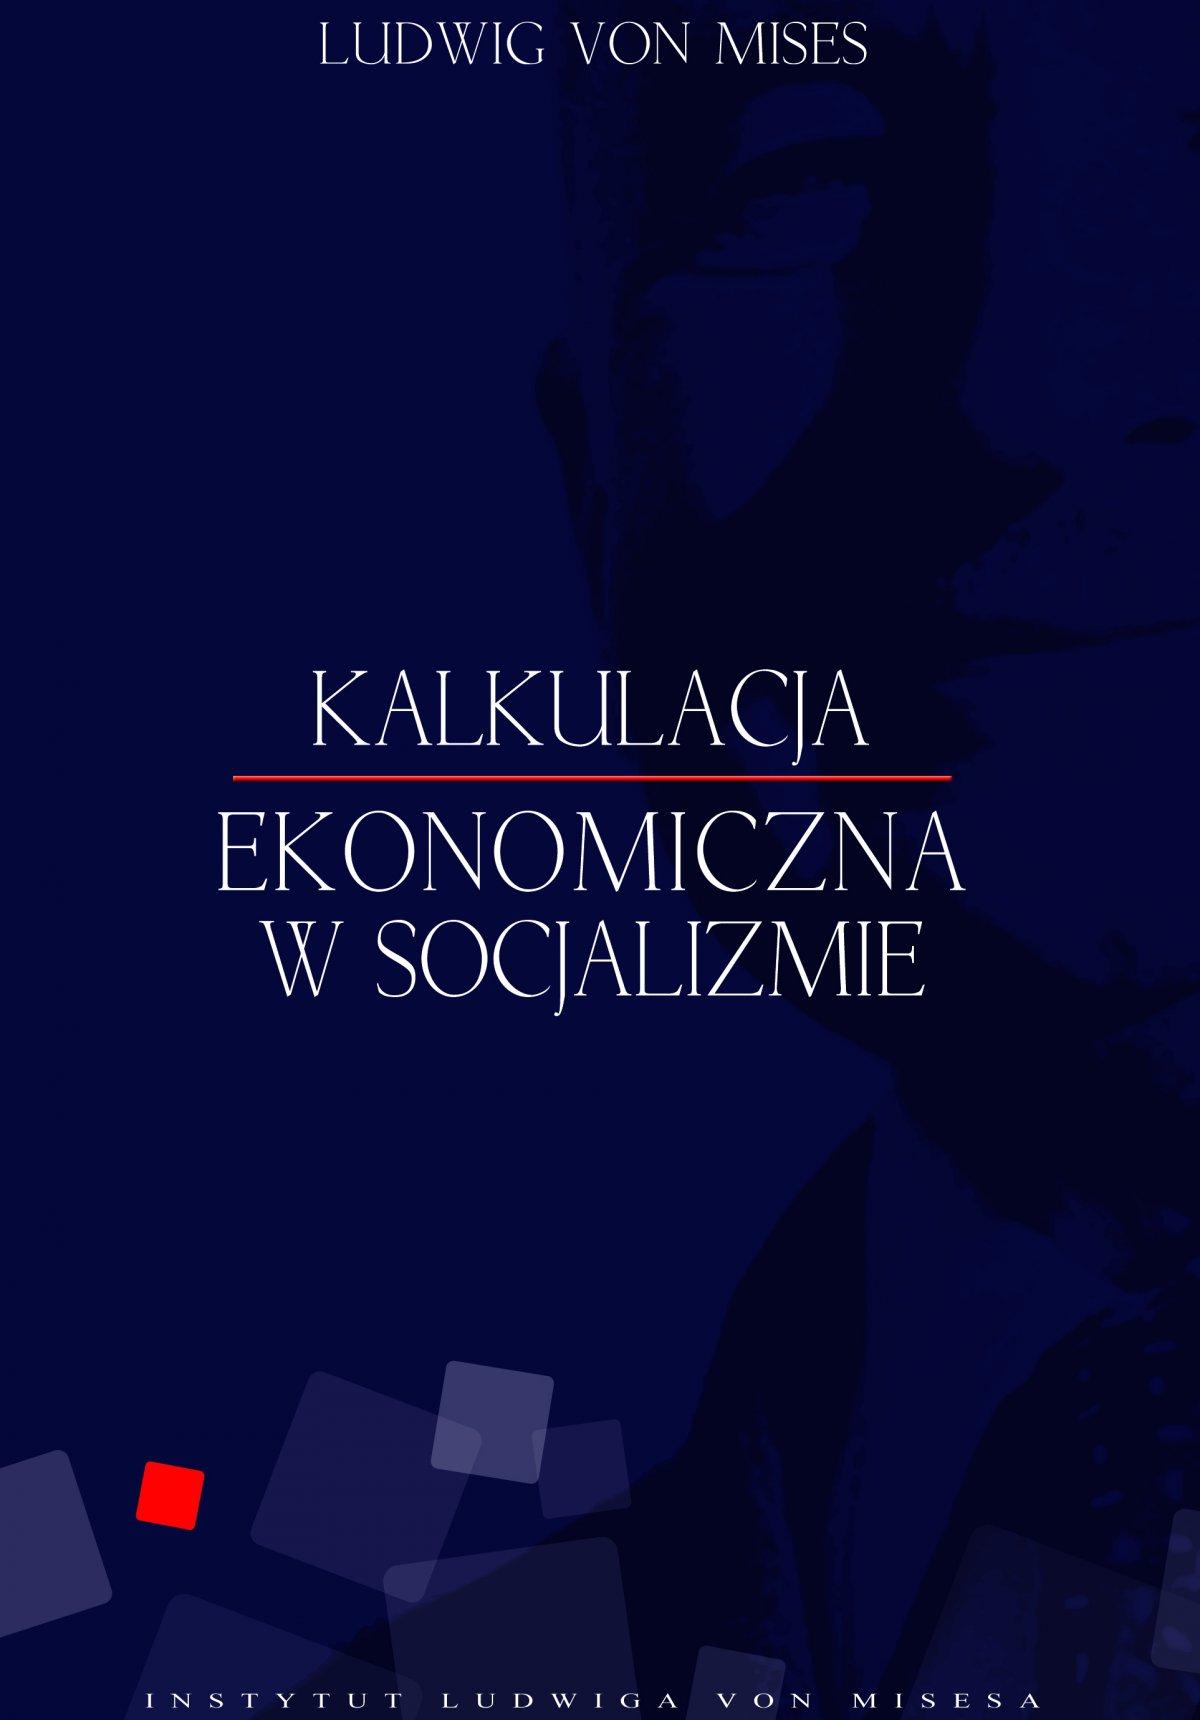 Kalkulacje ekonomiczna w socjalizmie - Ebook (Książka EPUB) do pobrania w formacie EPUB